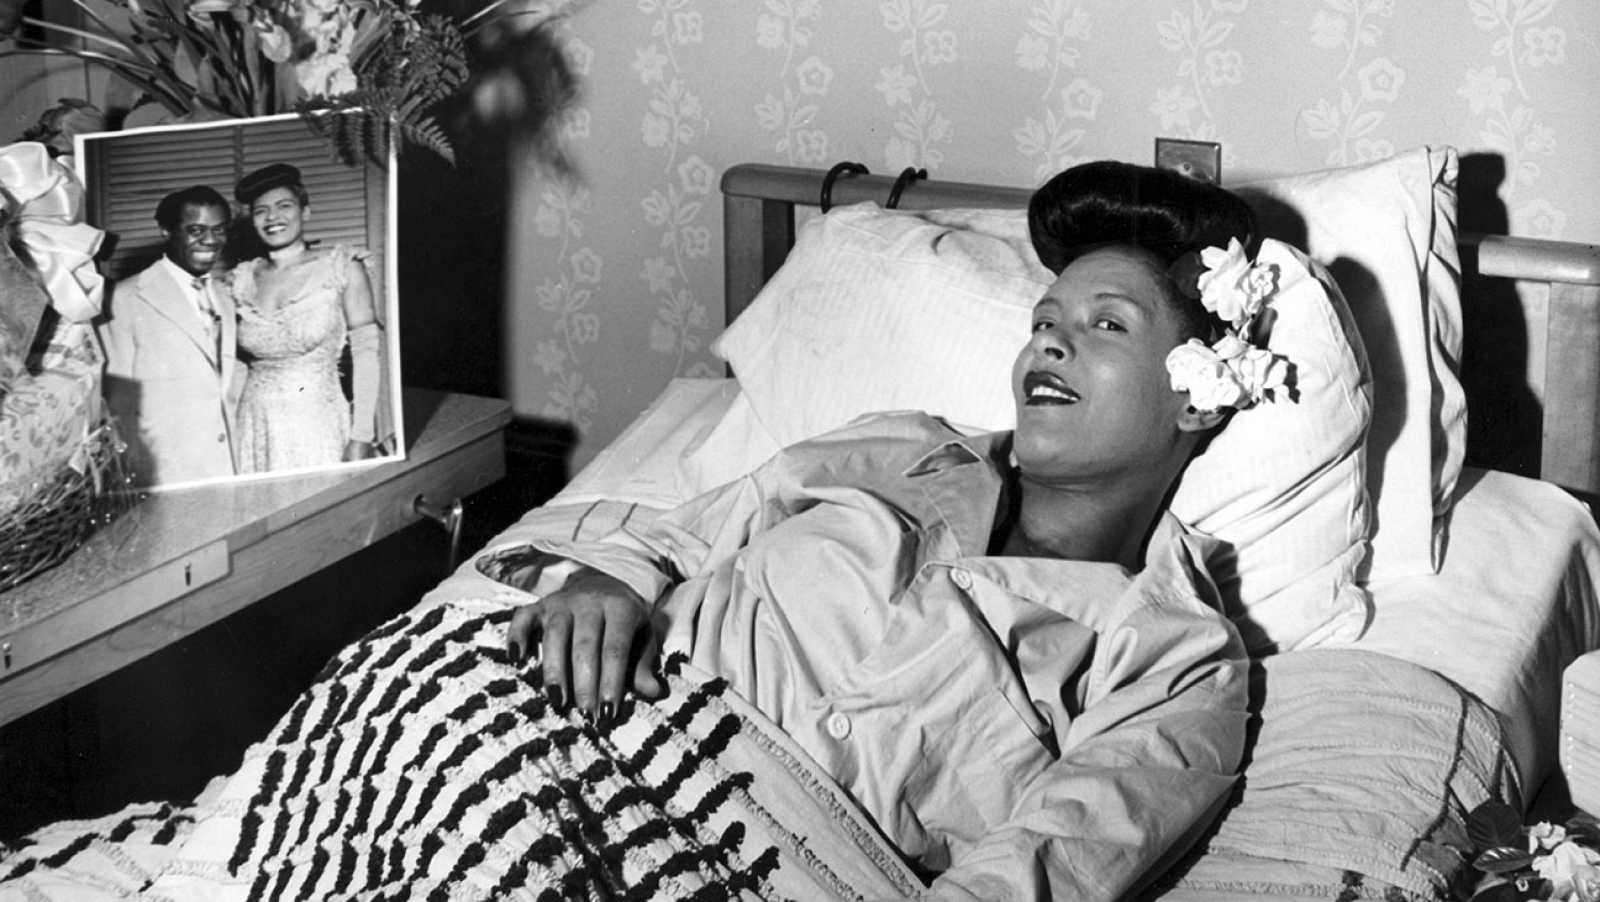 Videodrome - Memorias de Billie Holiday (8) - 23/08/20 - escuchar ahora